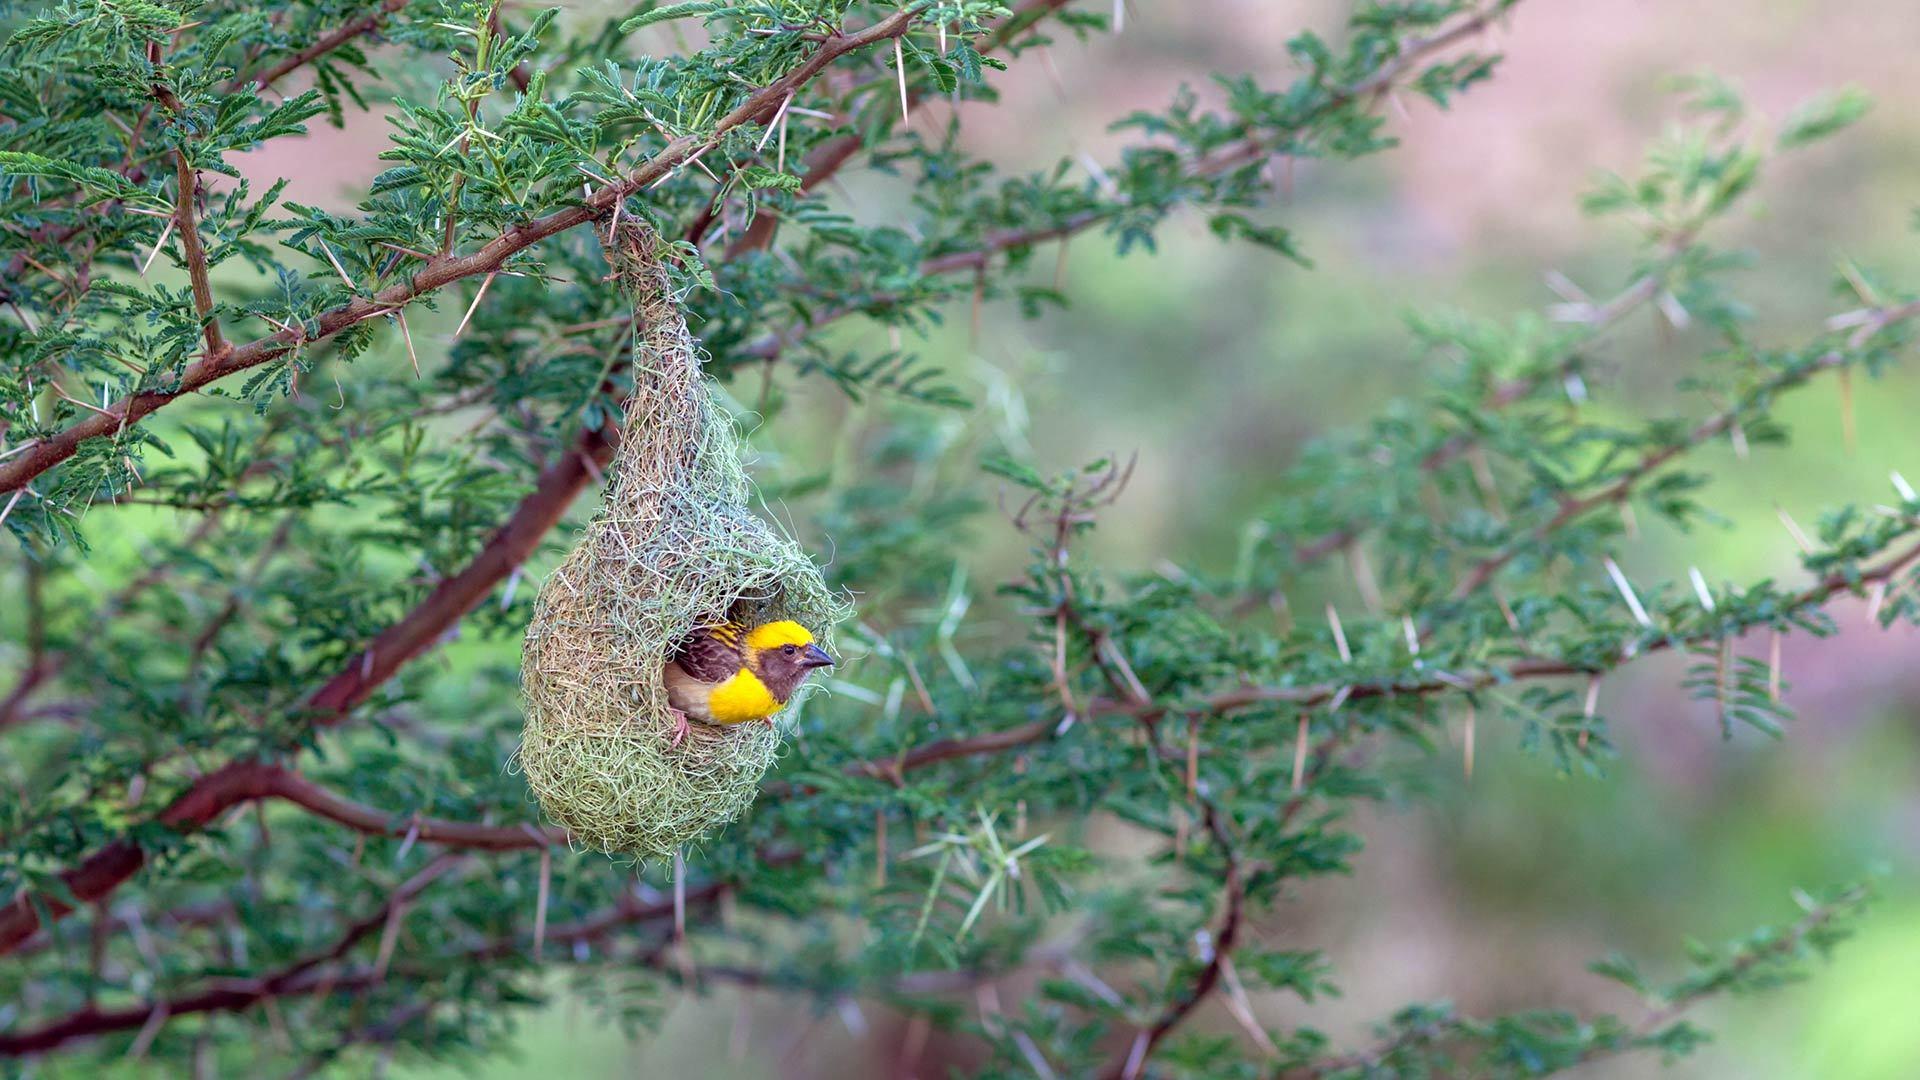 浦那的黄胸织布鸟鸟巢黄胸织布鸟